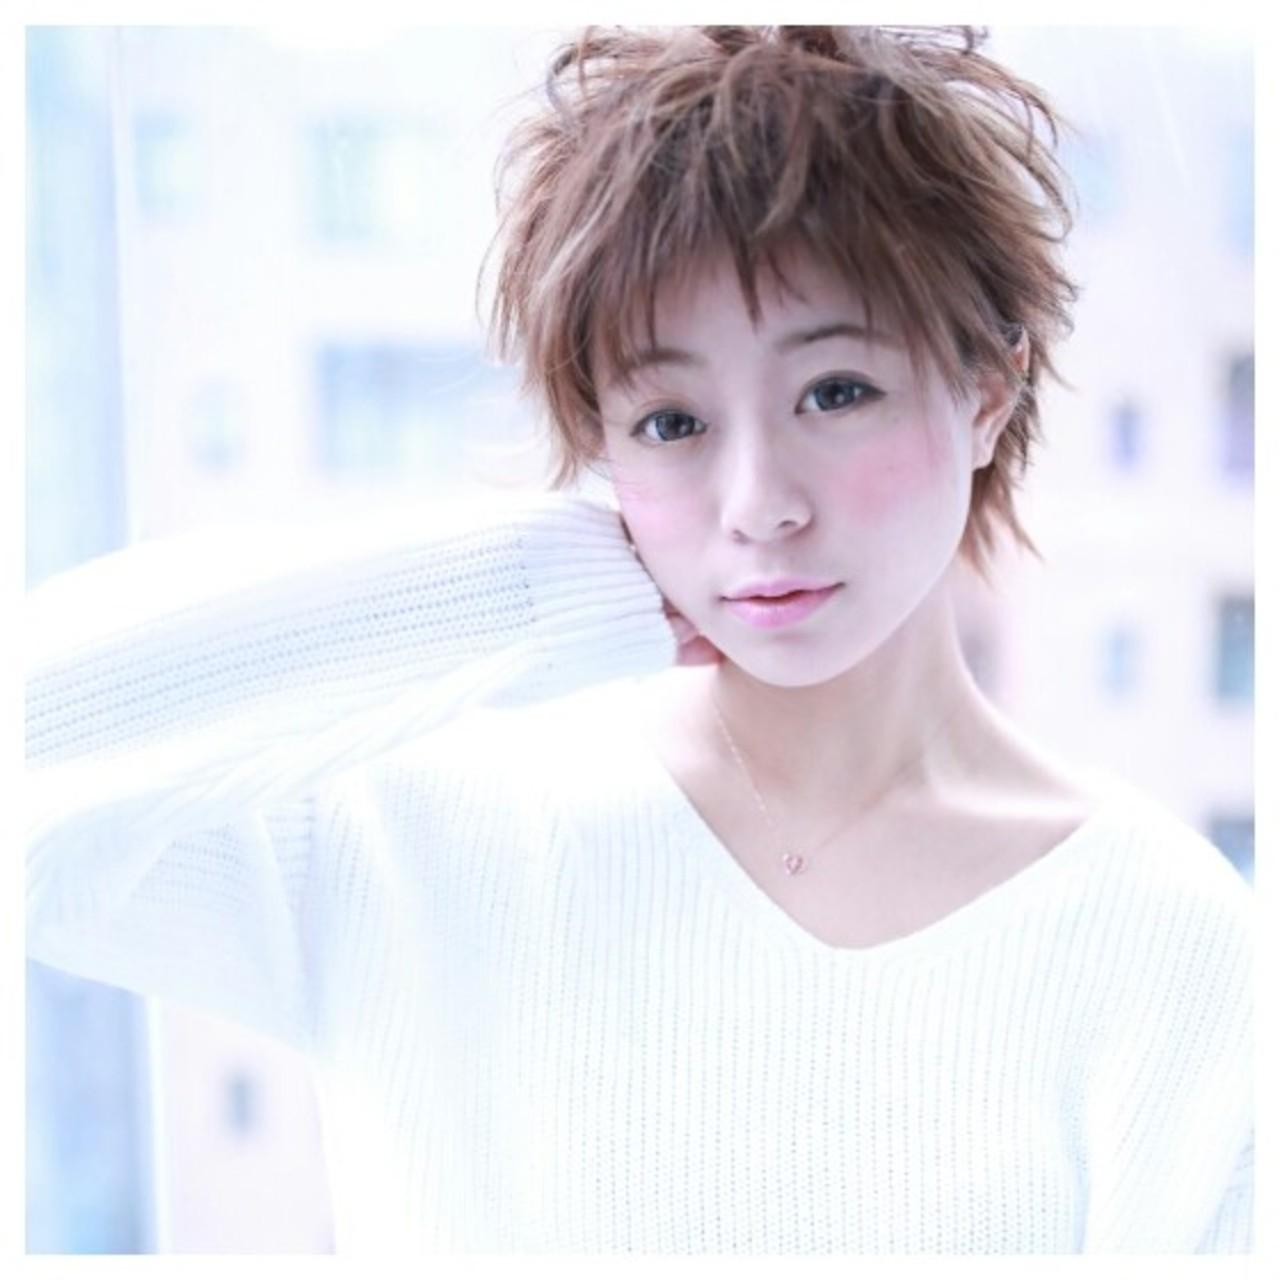 小顔 ショート ナチュラル 大人女子 ヘアスタイルや髪型の写真・画像   Cloud zero 池袋 / Cloud zero クラウドゼロ